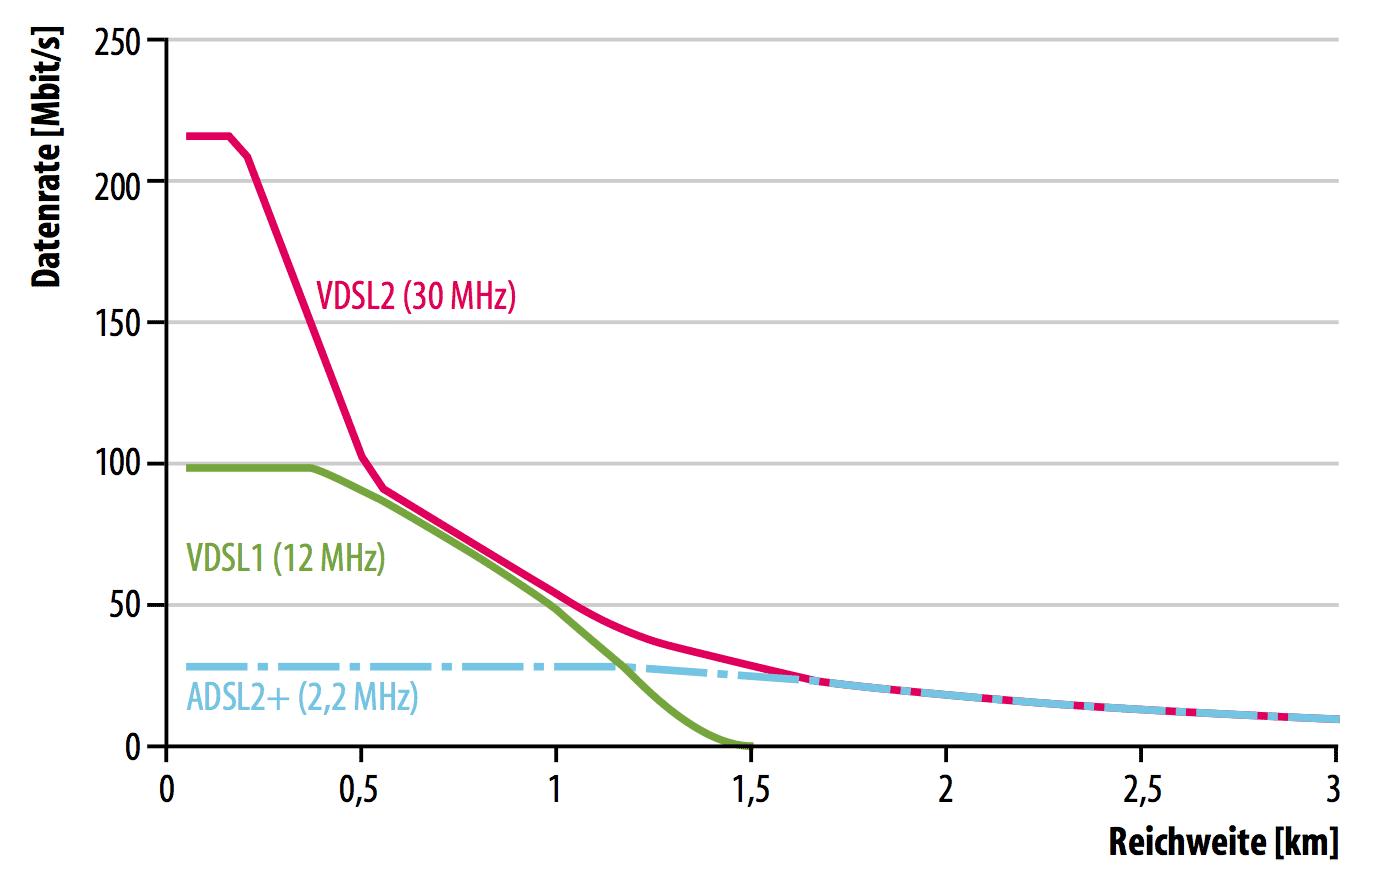 VDSL2-Anschlüsse holen zwar deutlich mehr aus der Kupferdoppelader als etwa der ADSL2+-Vorgänger, aber in ländlichen Gebieten schmilzt der Vorteil dahin, weil die Anschlüsse oft so lang sind, dass sich darüber keine 50 MBit/s befördern lassen. Nun ist die Telekom aber verpflichtet, die Strecken in solchen Gebieten durch zusätzliche Kabelverzweiger zu verkürzen, in denen Haushalte im Durchschnitt nur Bandbreiten unter 30 MBit/s im Down- und 5 MBit/s im Upstream erhalten können.